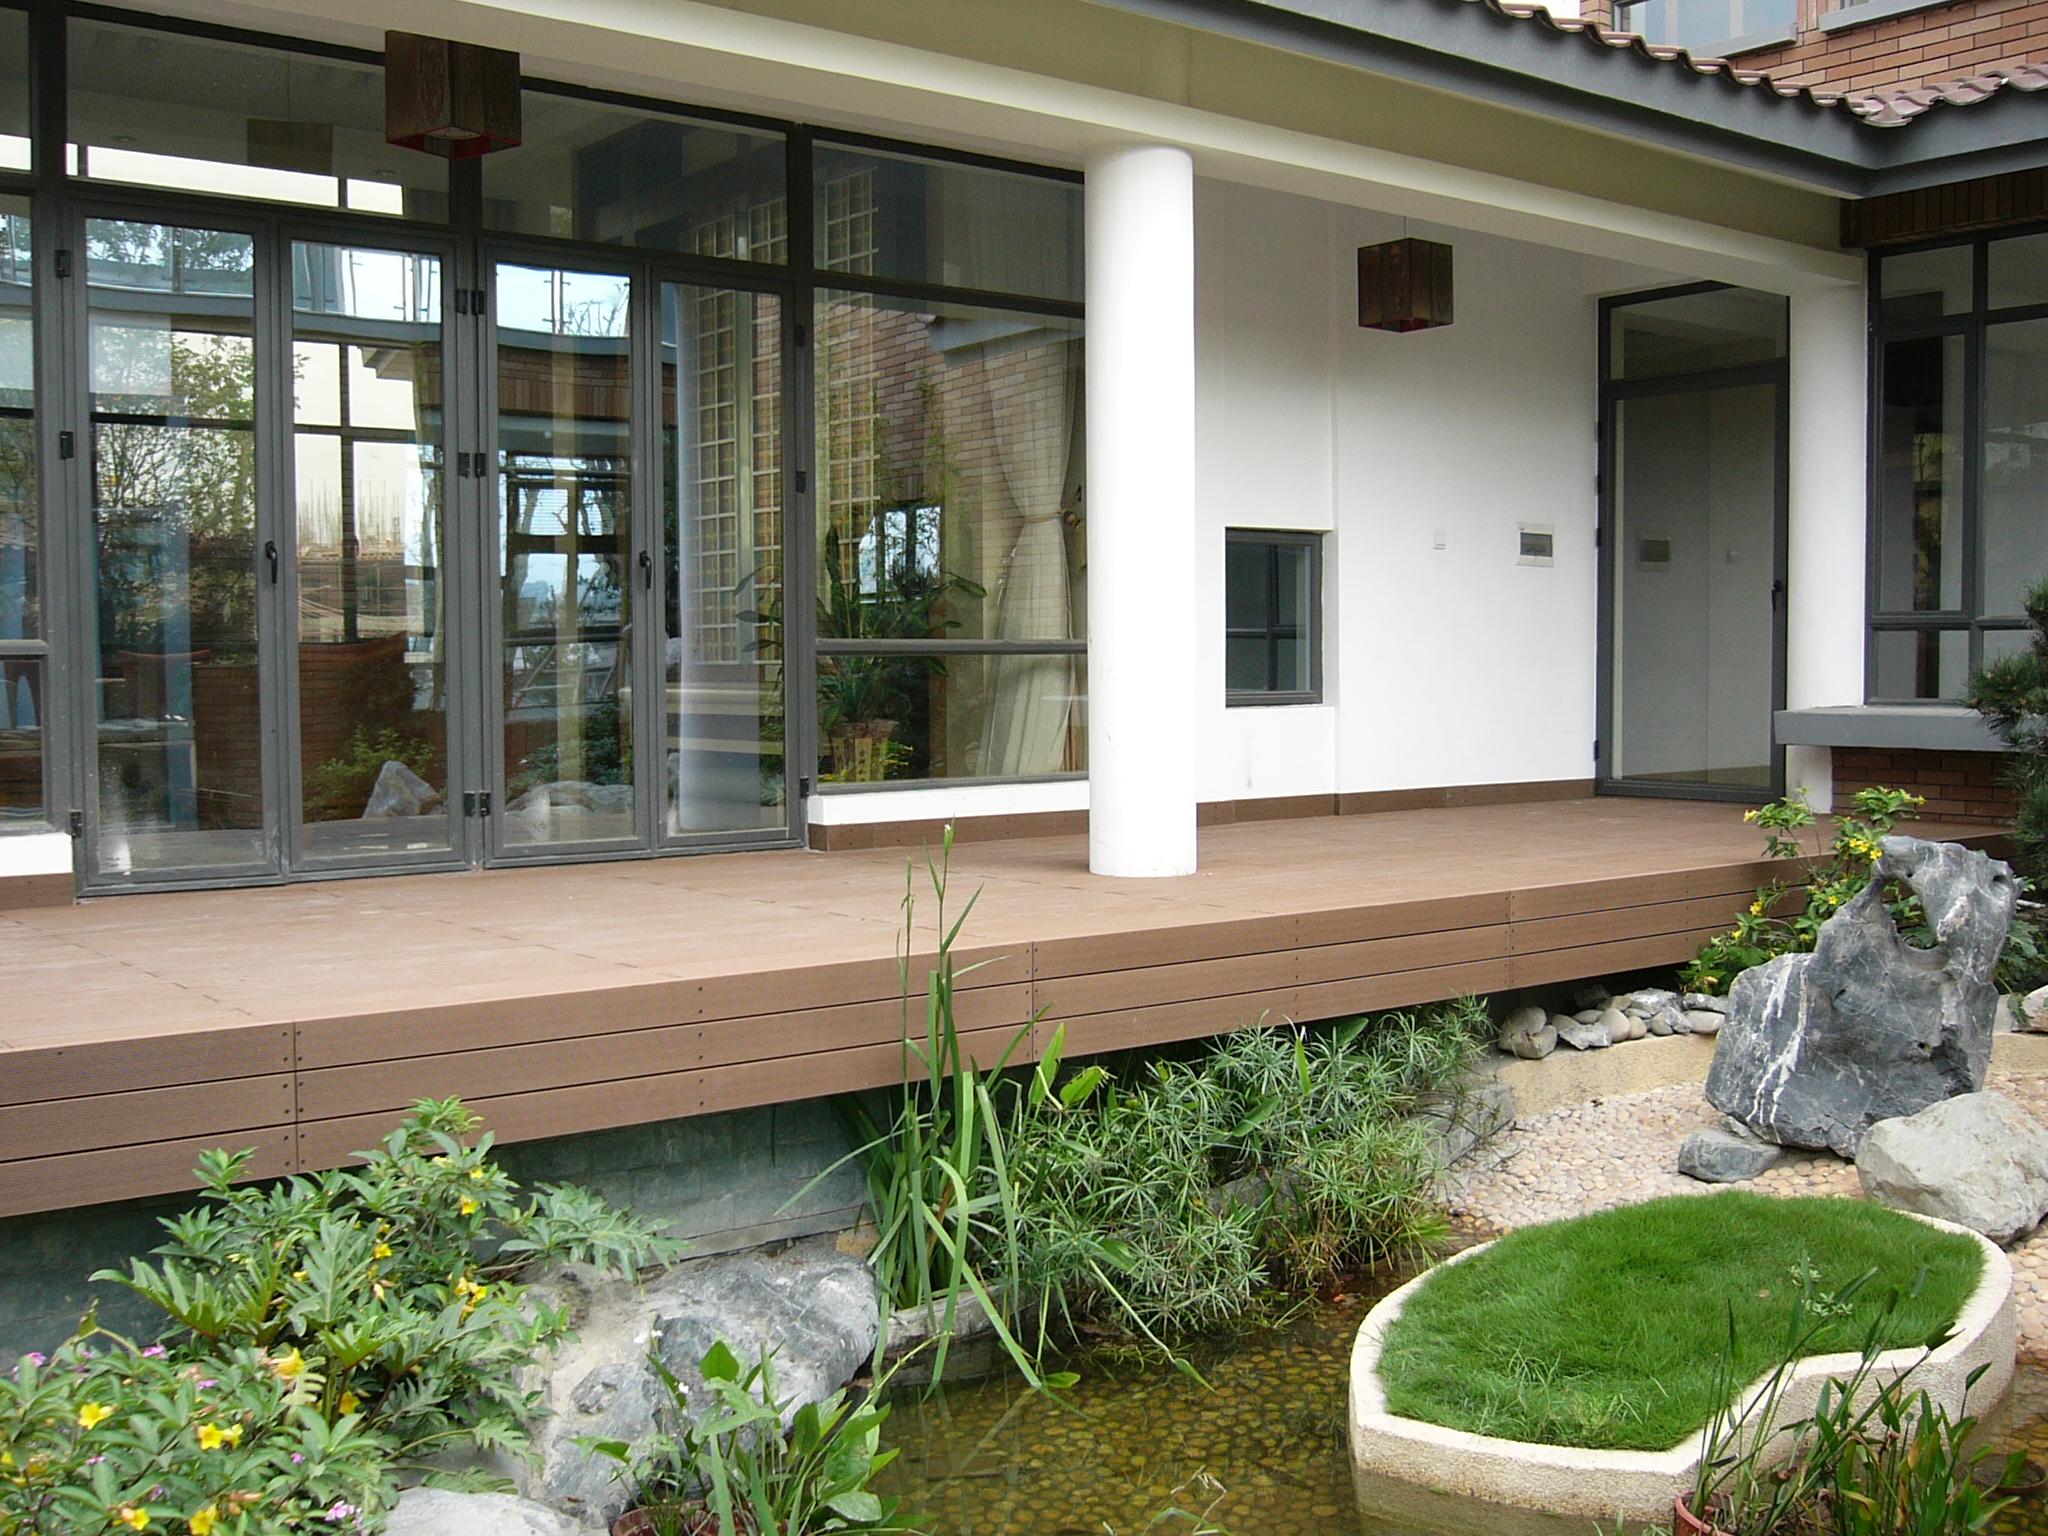 生态木耐可木户外厨柜案例;塑木样板景观;塑木地板地板遵义塑木商广东材料门定制厂图片